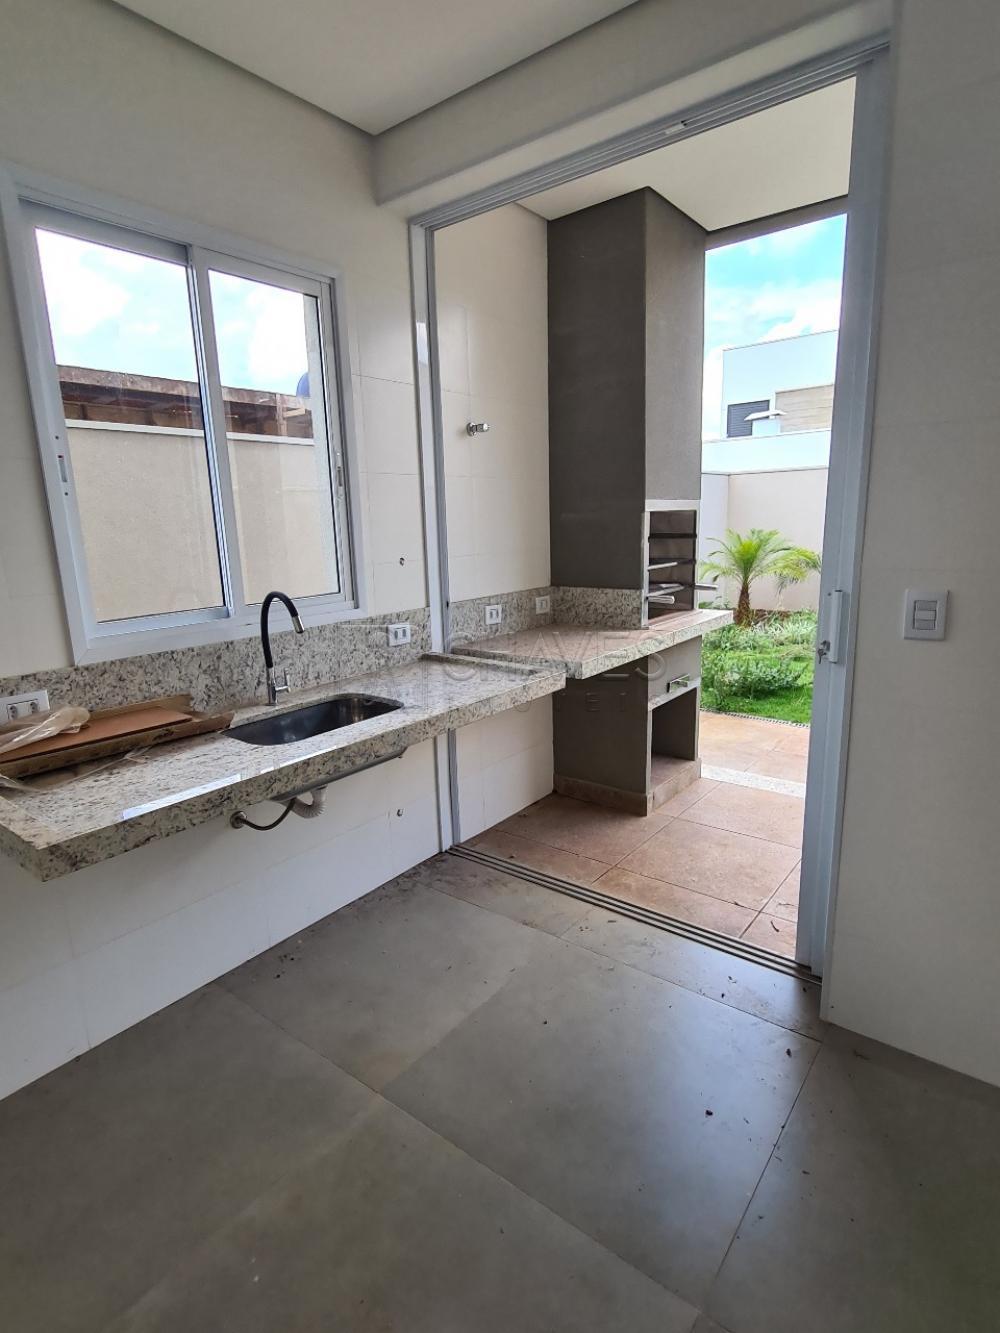 Comprar Casa / Condomínio em Ribeirão Preto R$ 915.000,00 - Foto 8